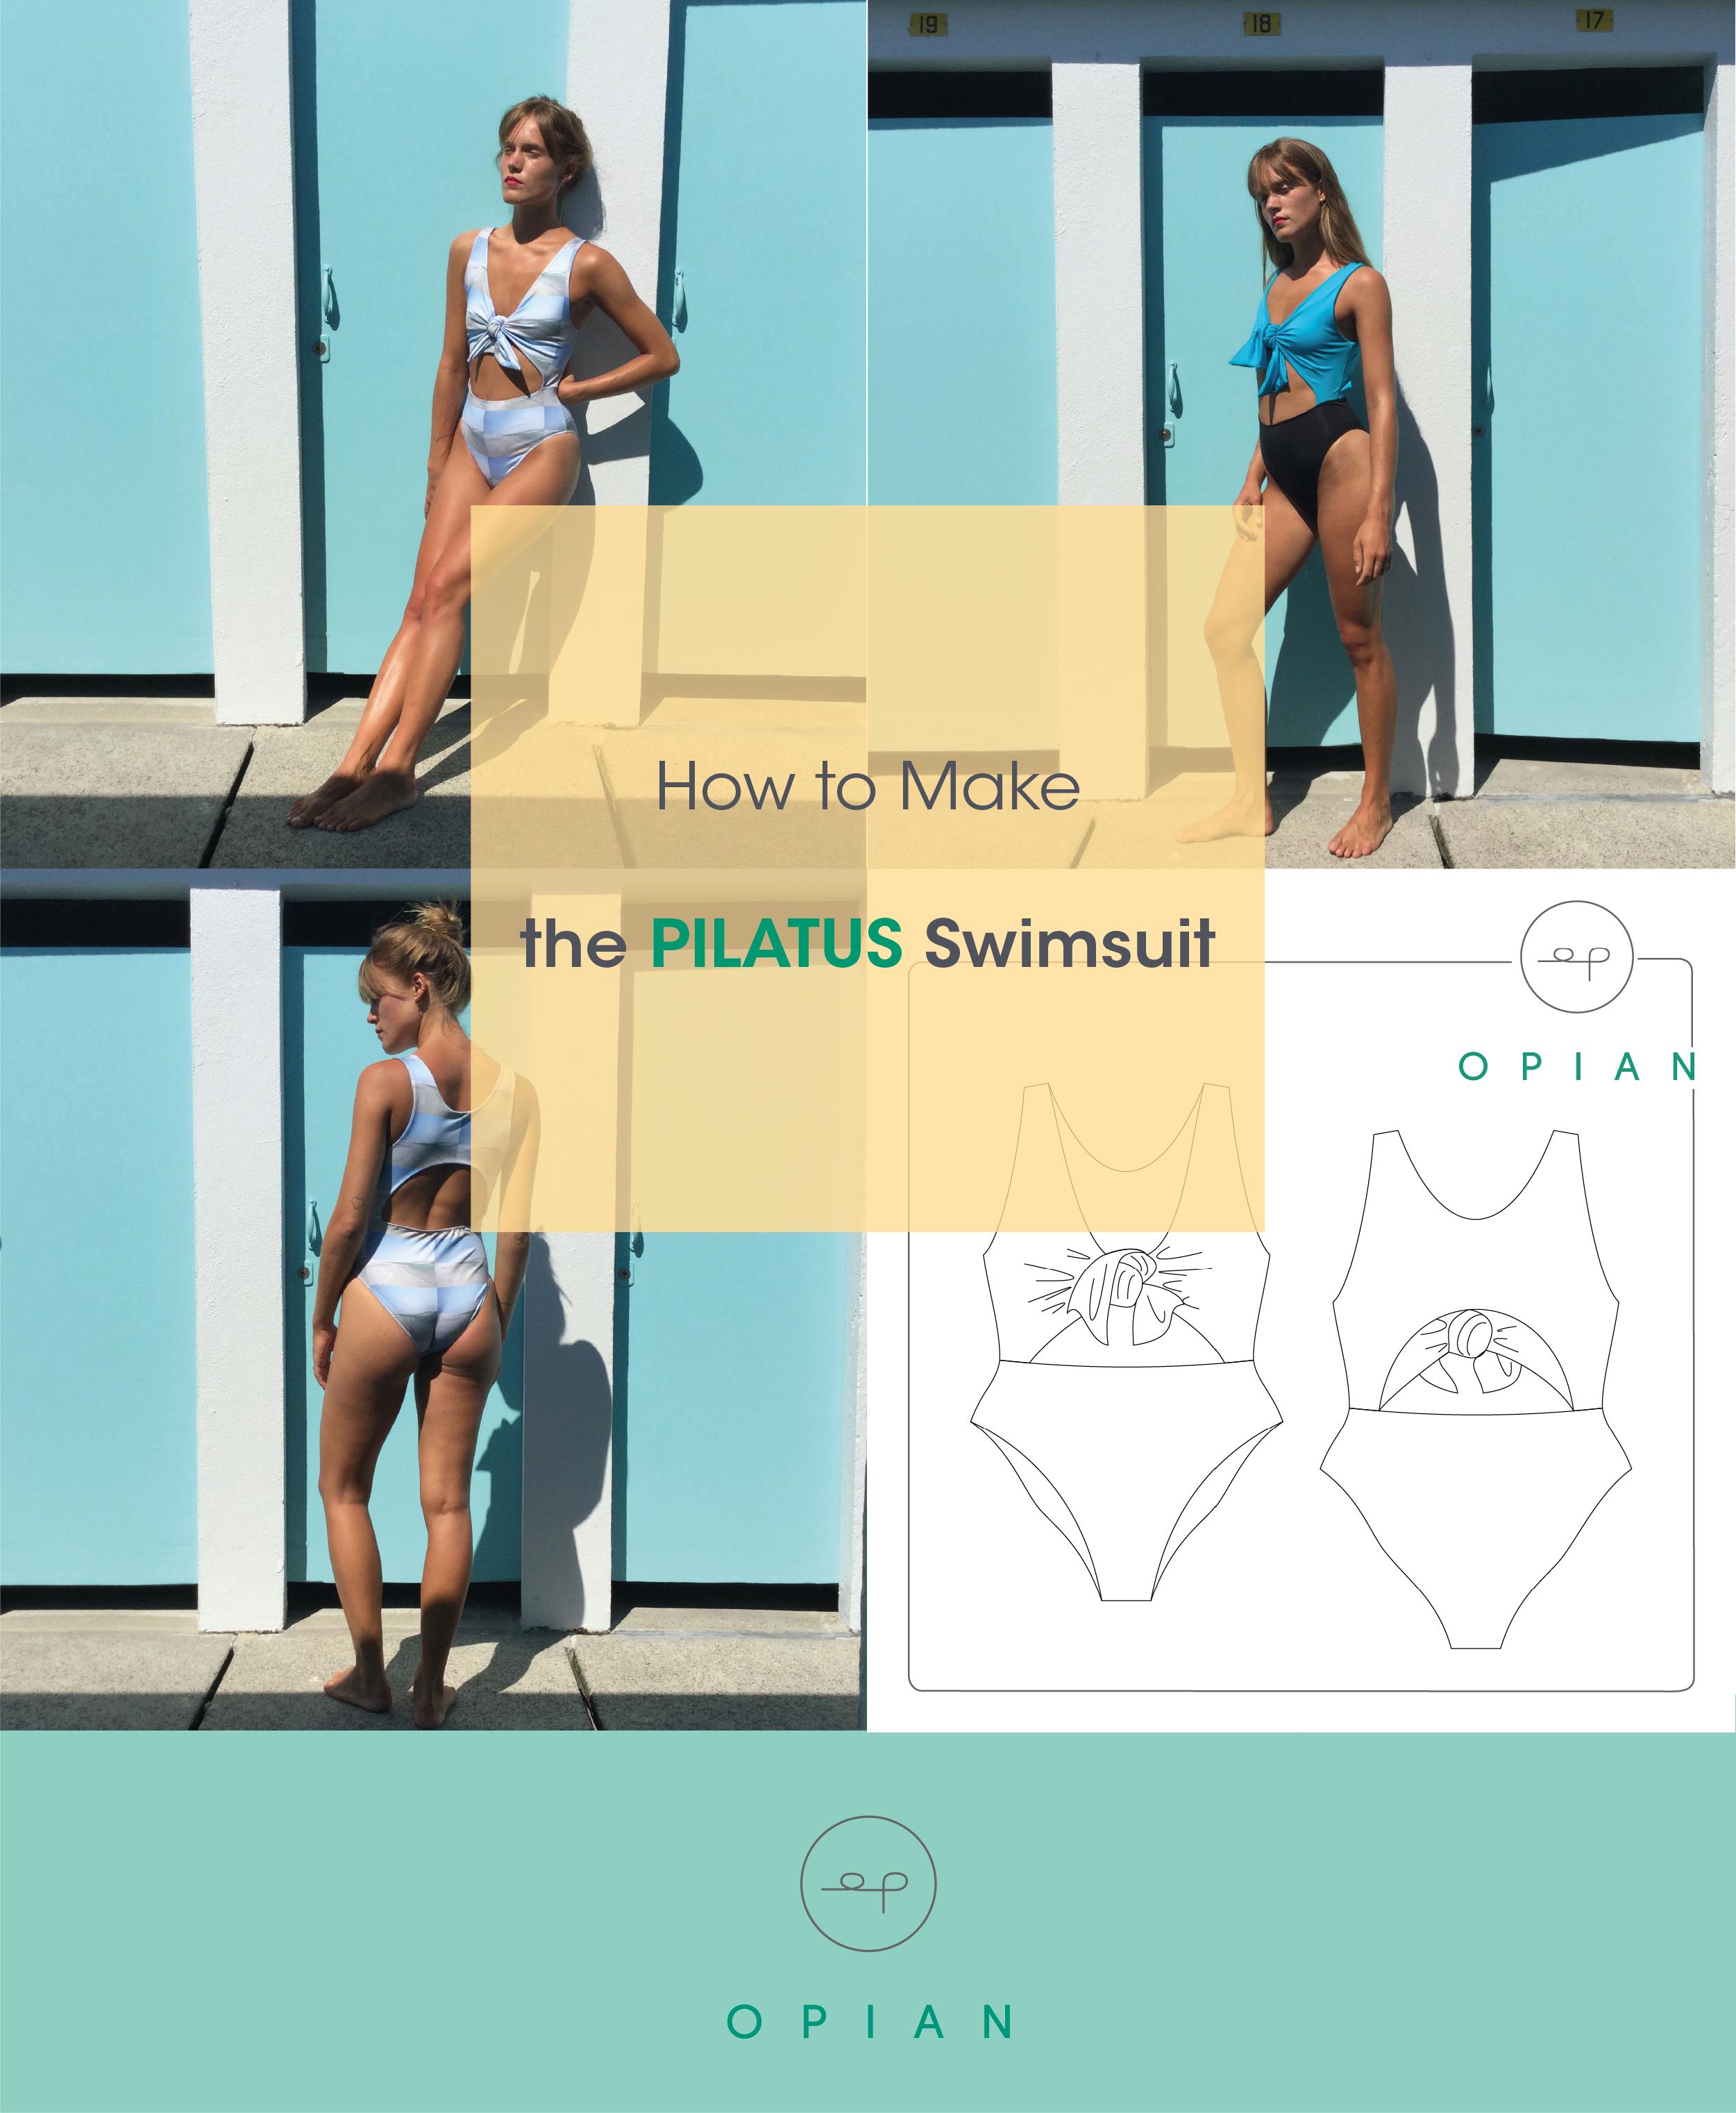 6ecce36b20 How to make the Pilatus swimsuit by Opian. Comment faire le maillot de bain  Pilatus par Opian.